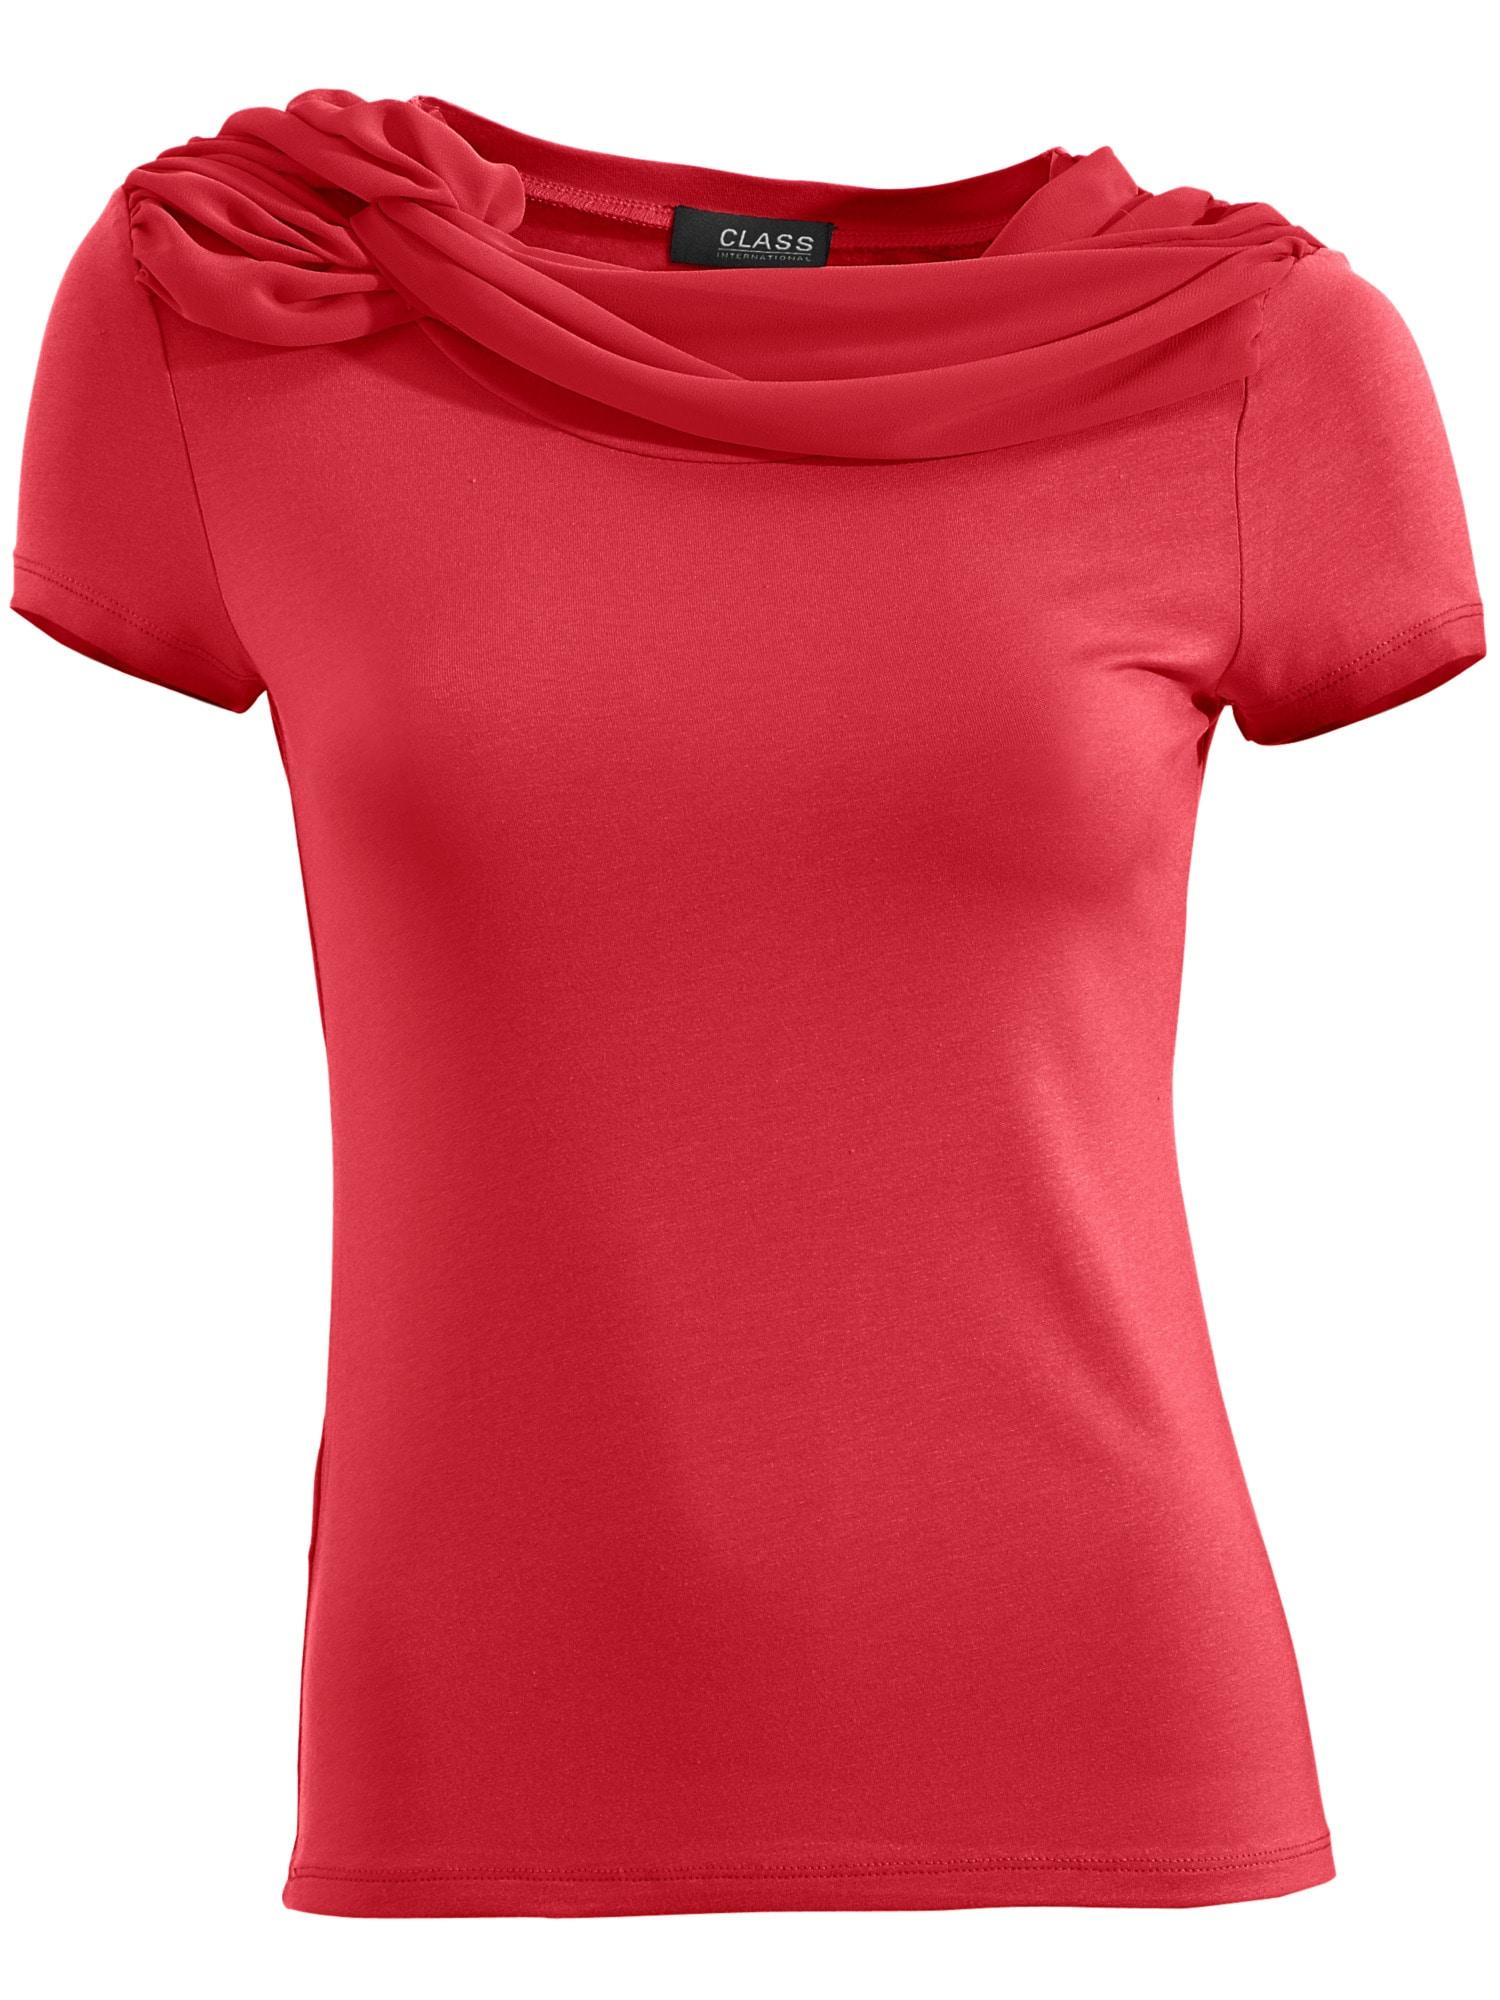 Rundhalsshirt | Bekleidung > Shirts > Rundhalsshirts | Ashley Brooke By Heine